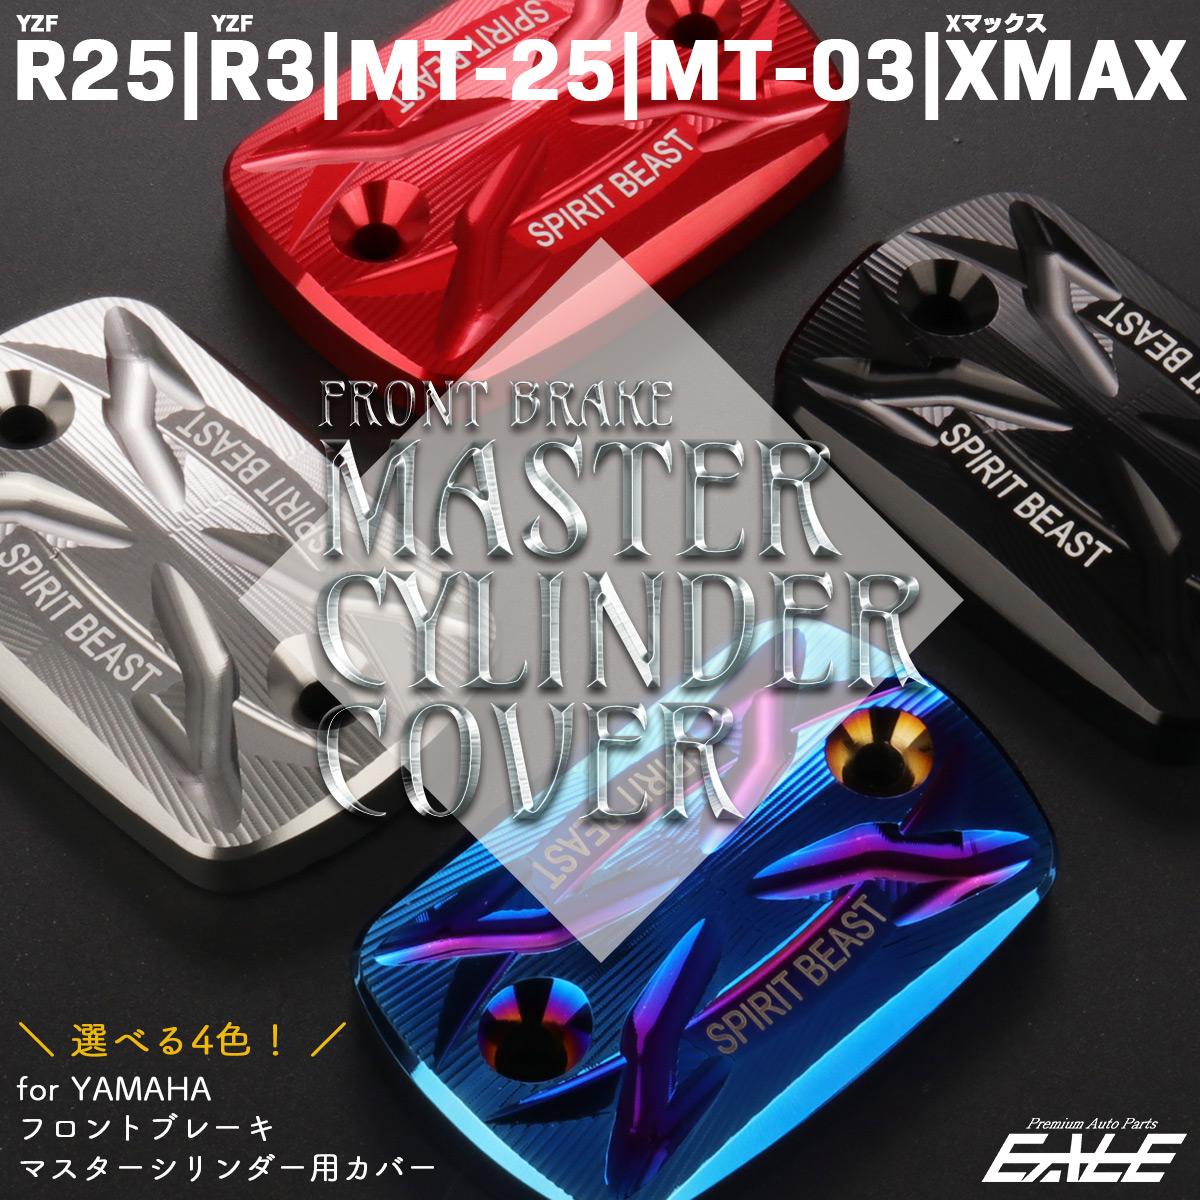 ヤマハ用 R25 R3 MT-25 MT-03 Xマックス フロントブレーキ マスターシリンダー カバー T6アルミ 4色 S-934